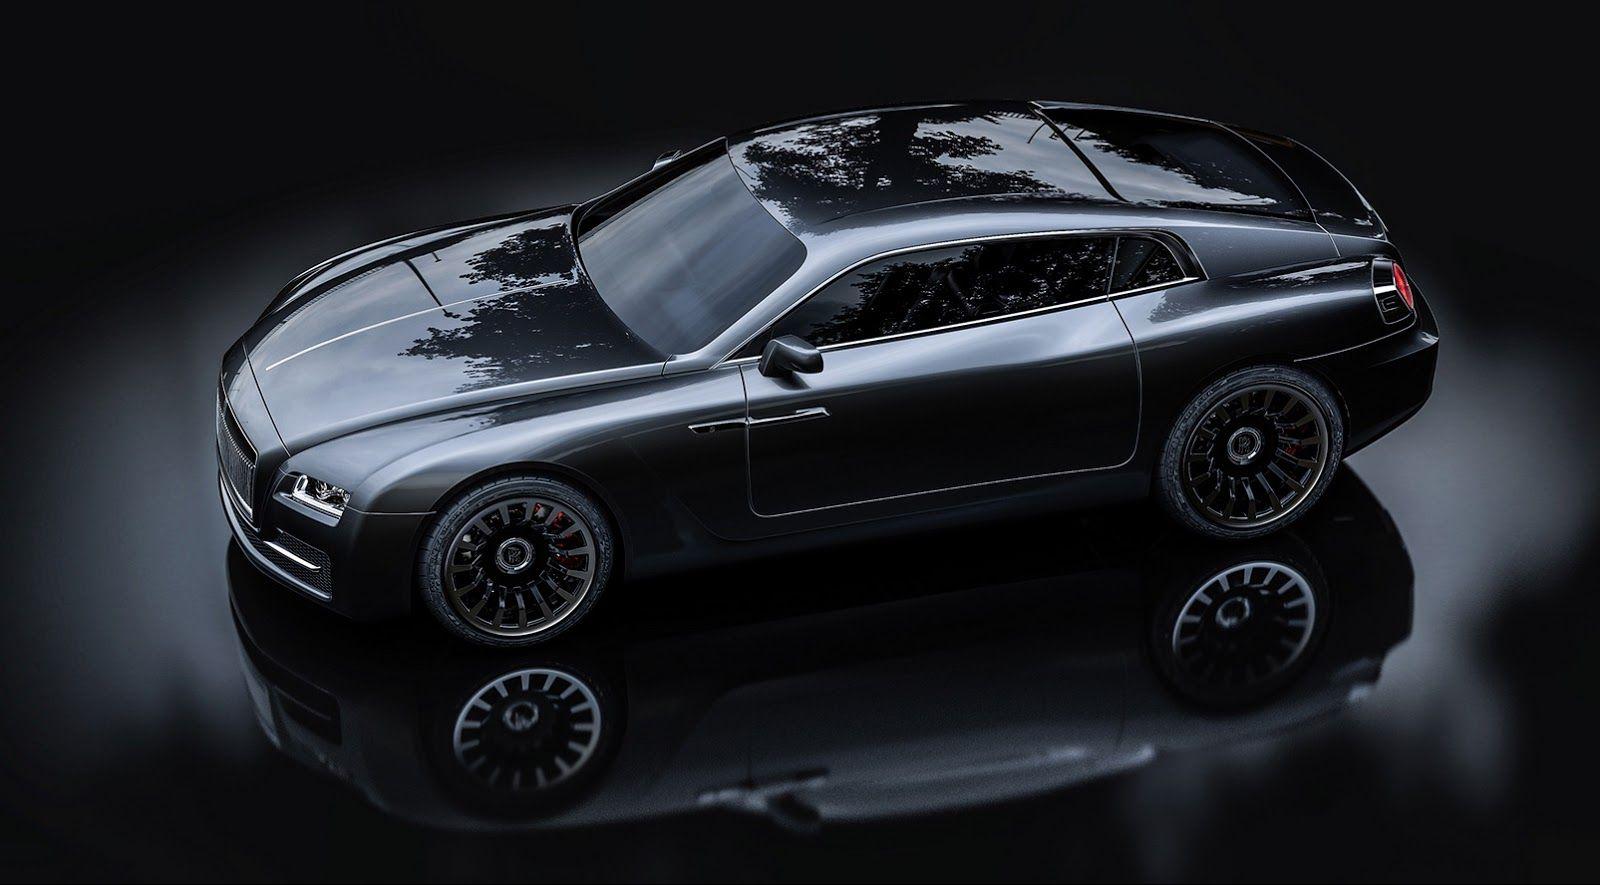 2020 rollsroyce wraith concept concepts pinterest